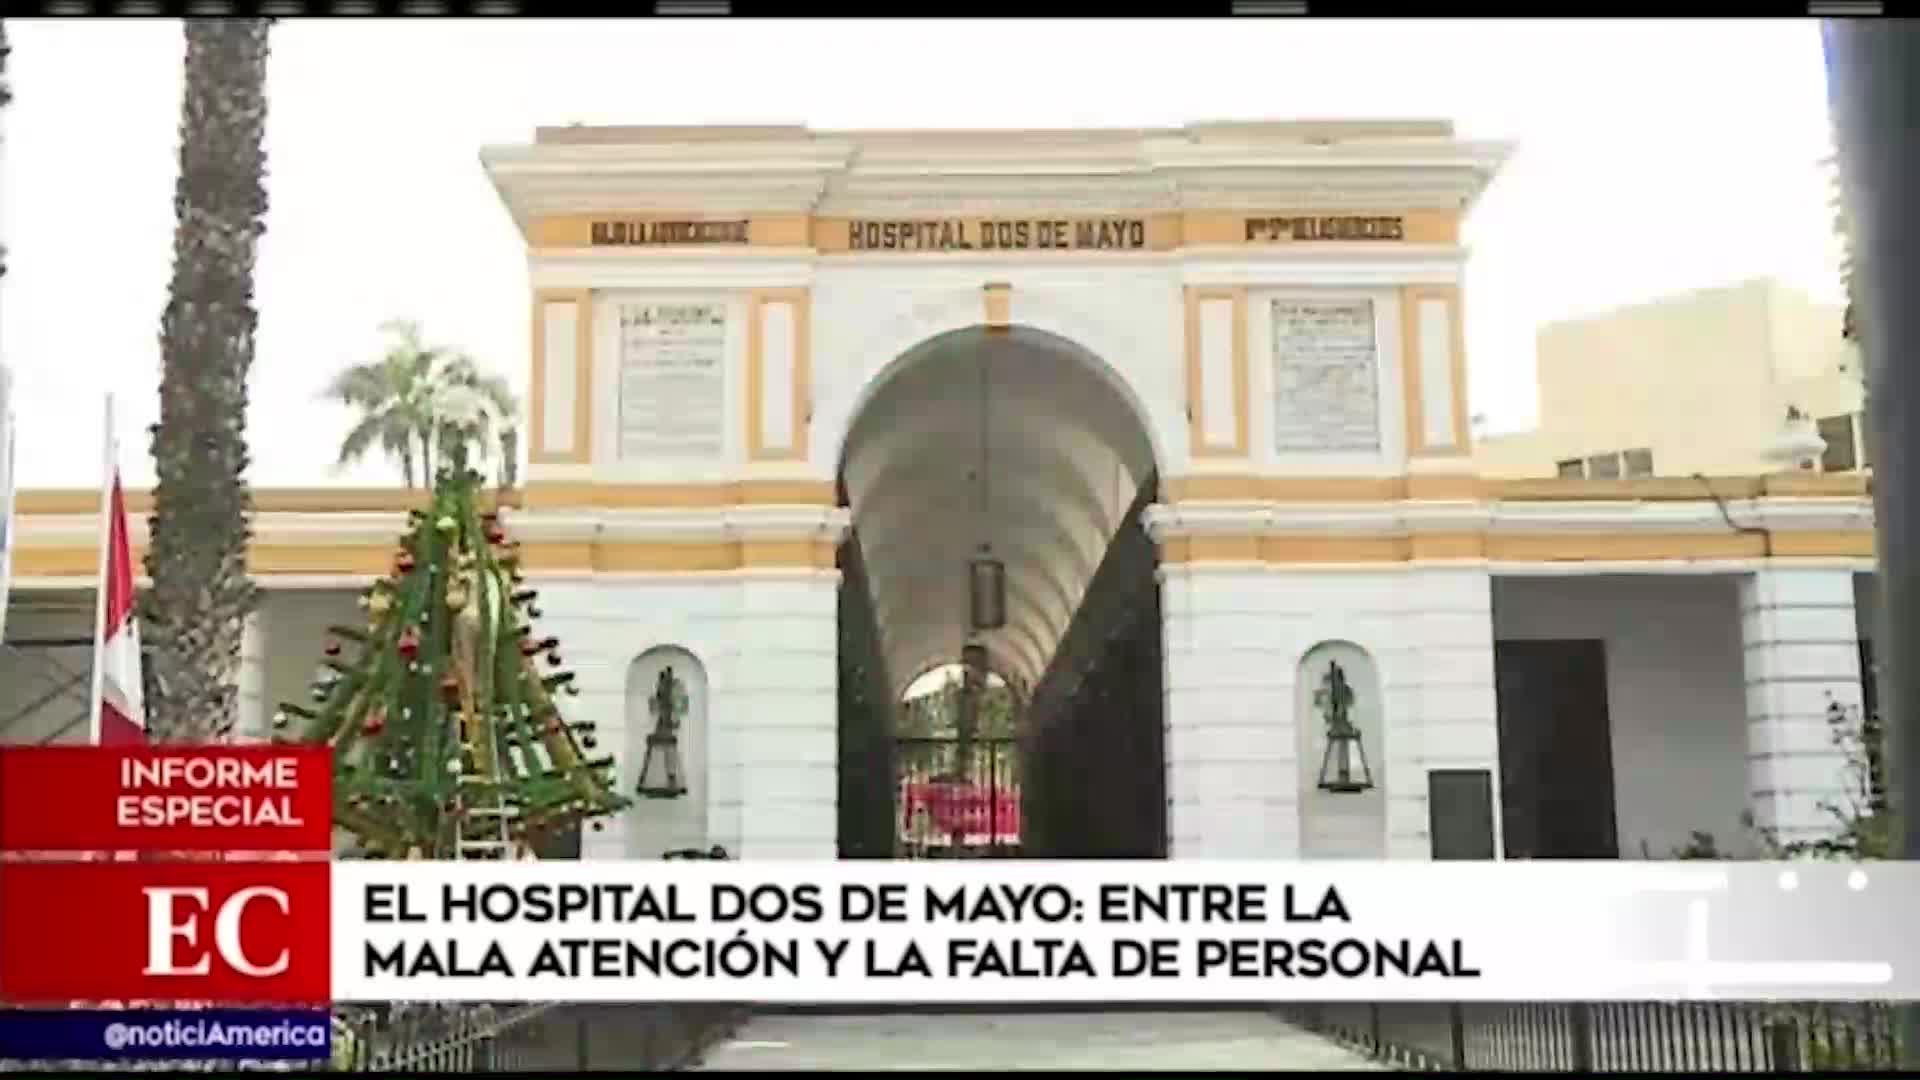 Hospital Dos de Mayo: pacientes afrontan falta de personal, demora en los trámites y mala atención